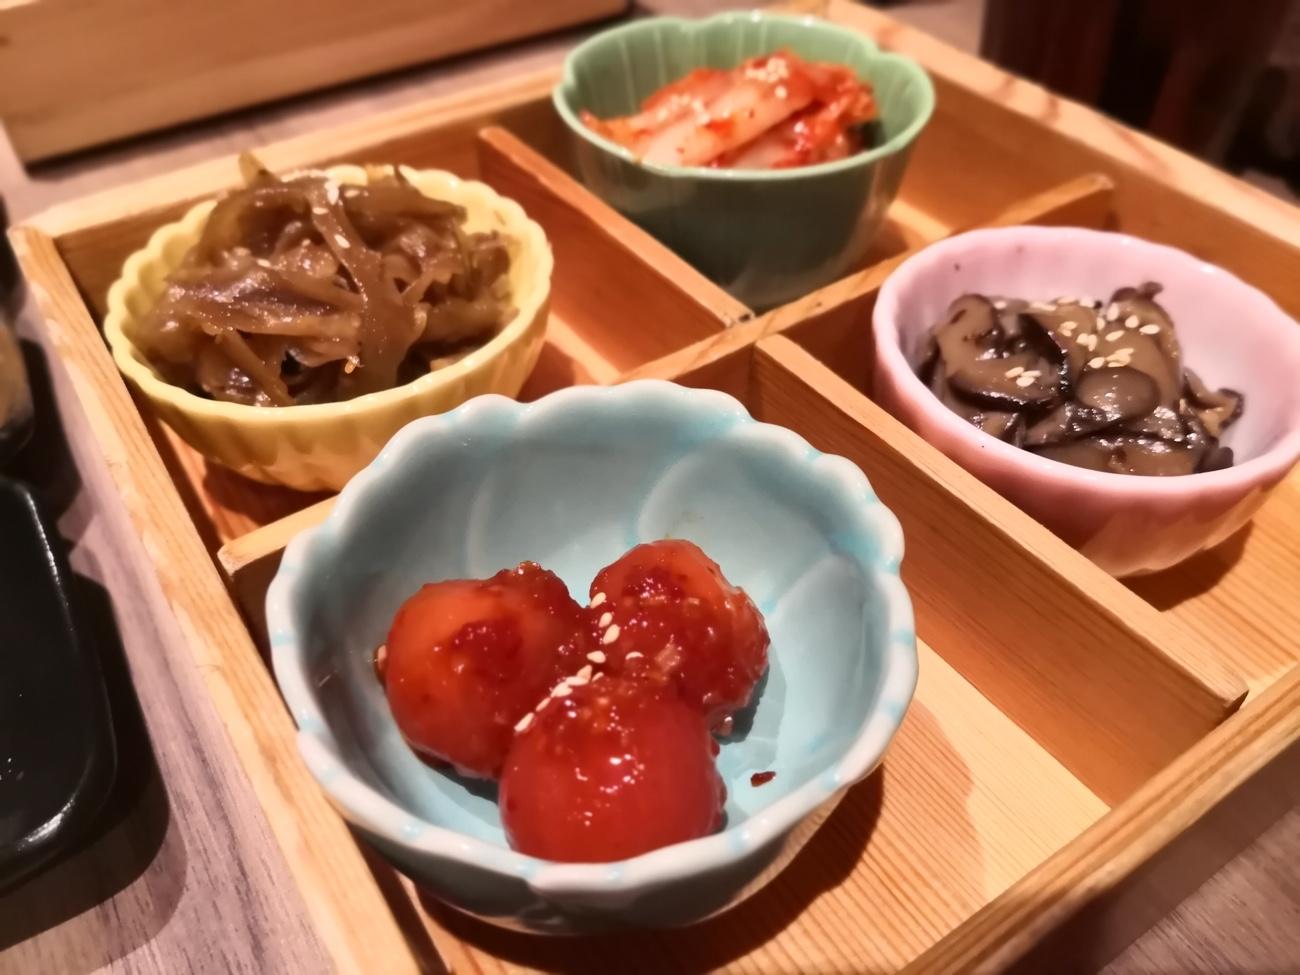 キムチ盛り合わせ 新日本焼肉党 クアラルンプール